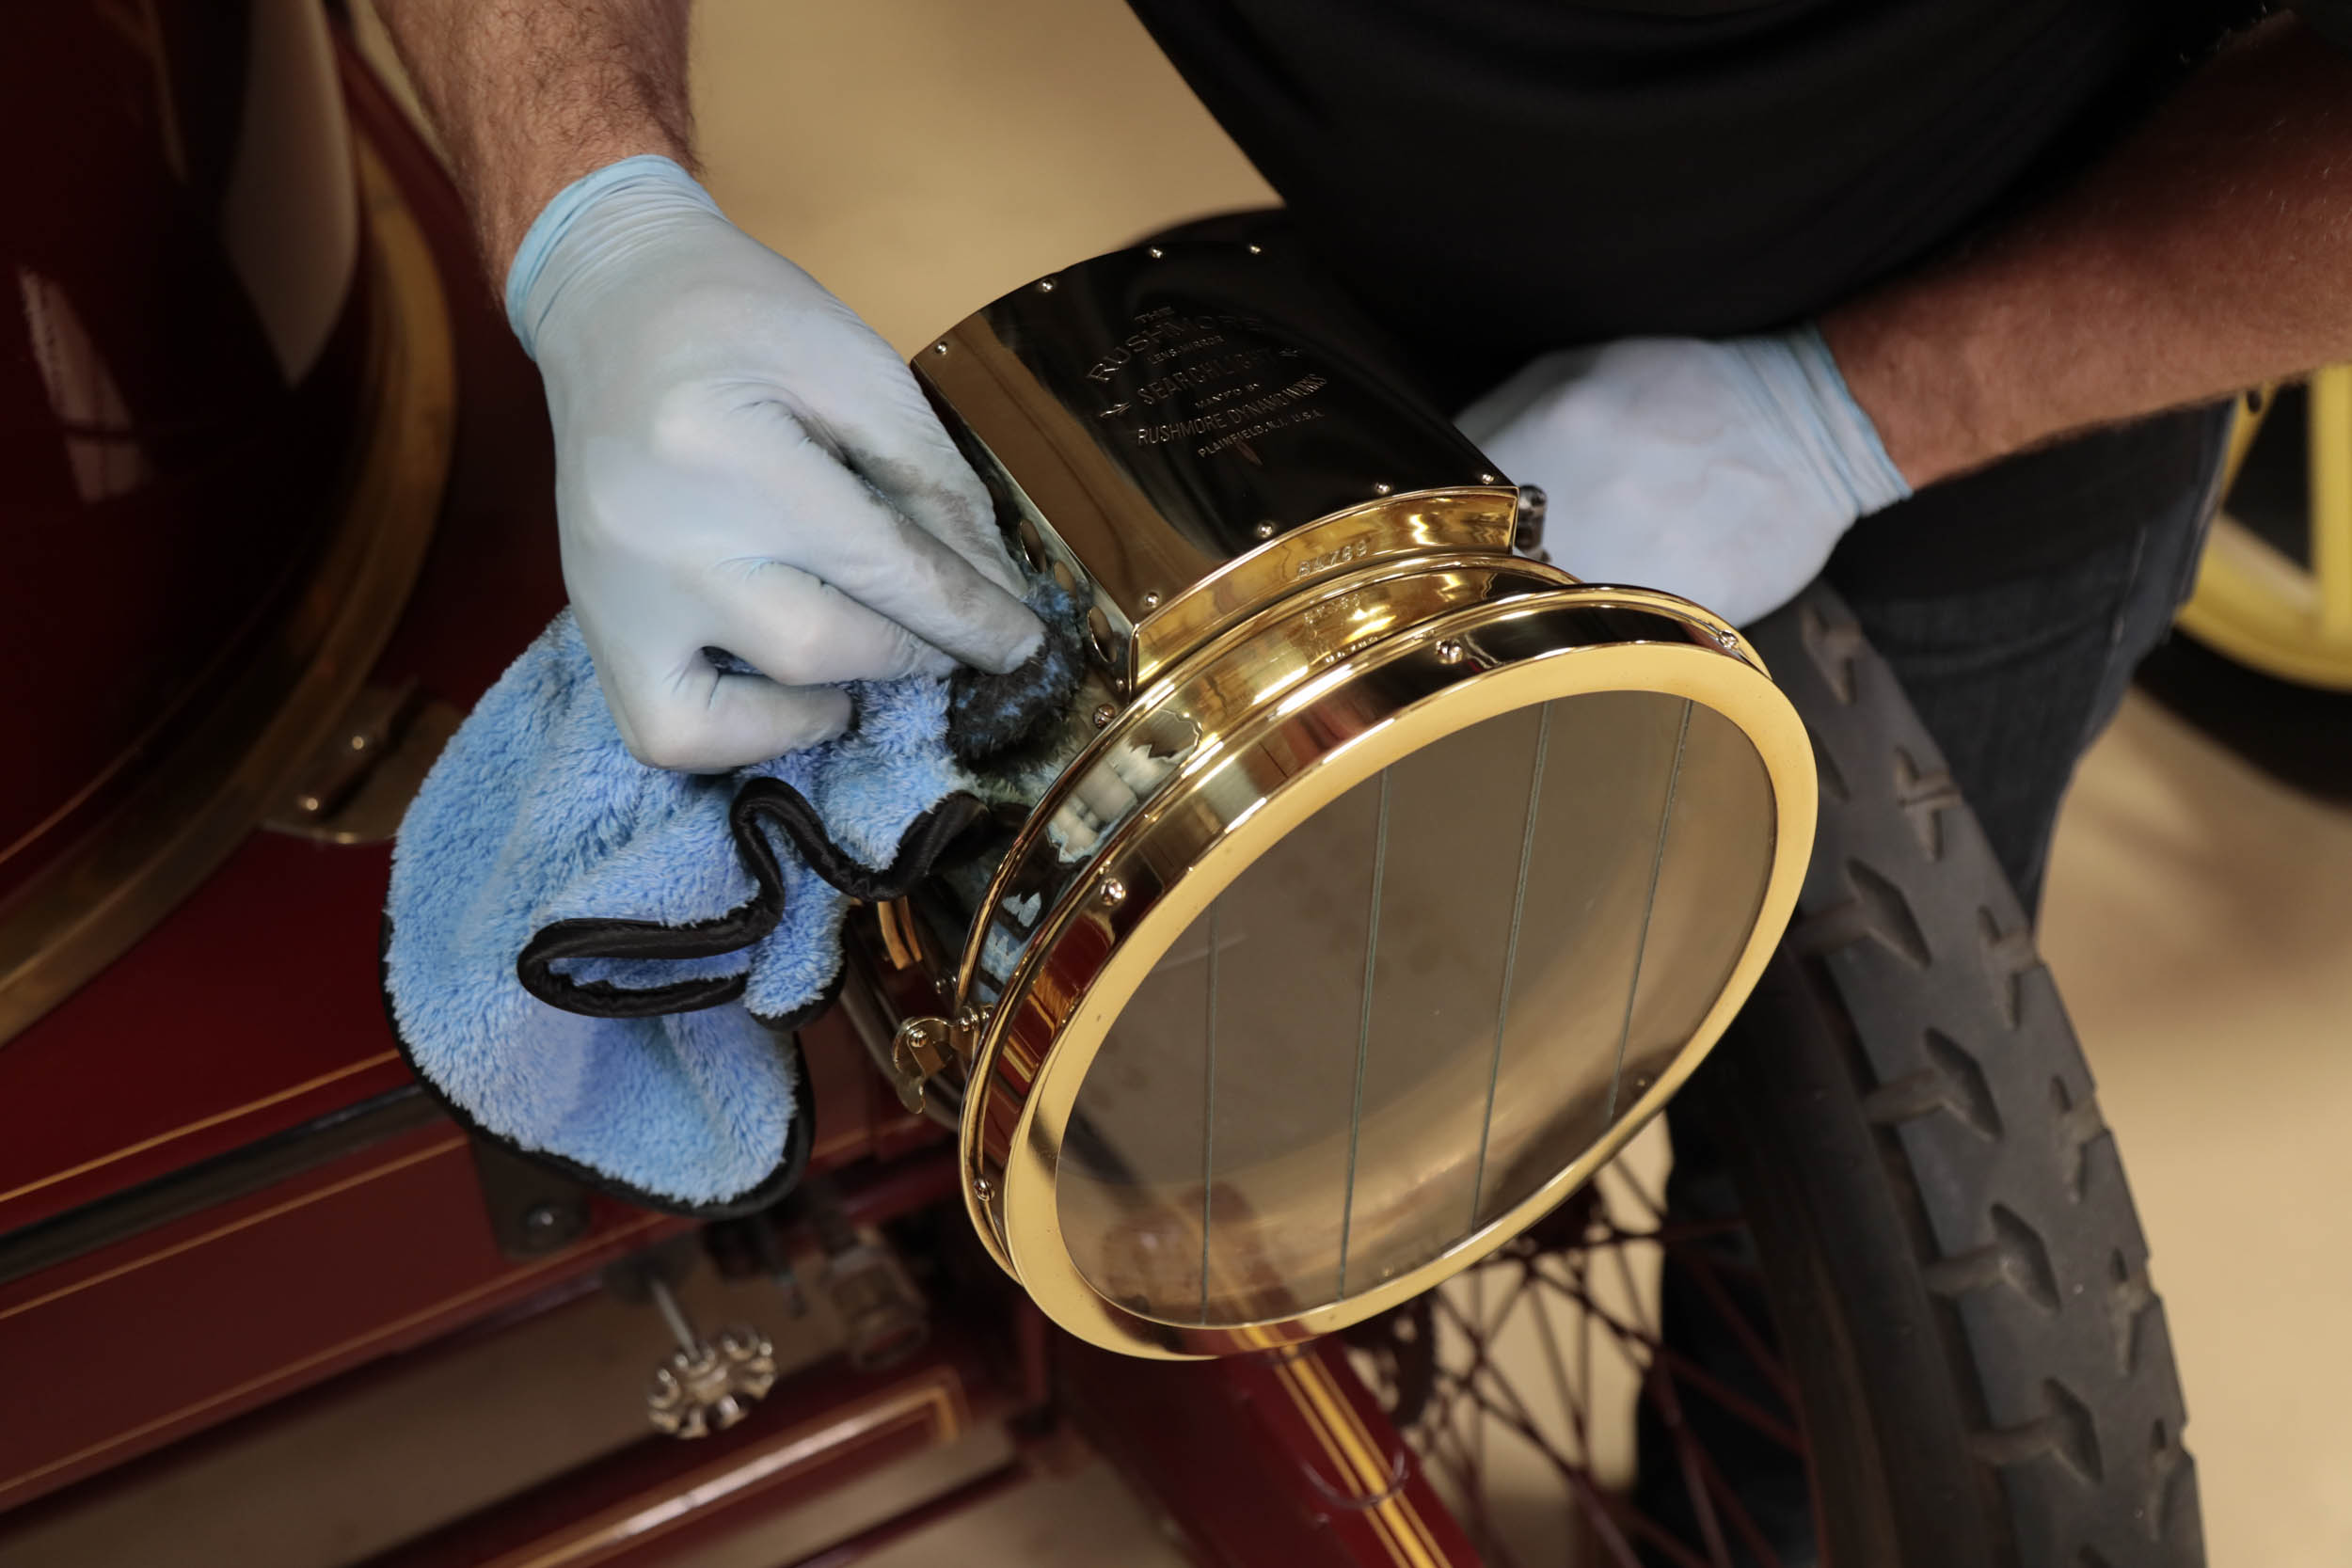 detailing a brass headlight